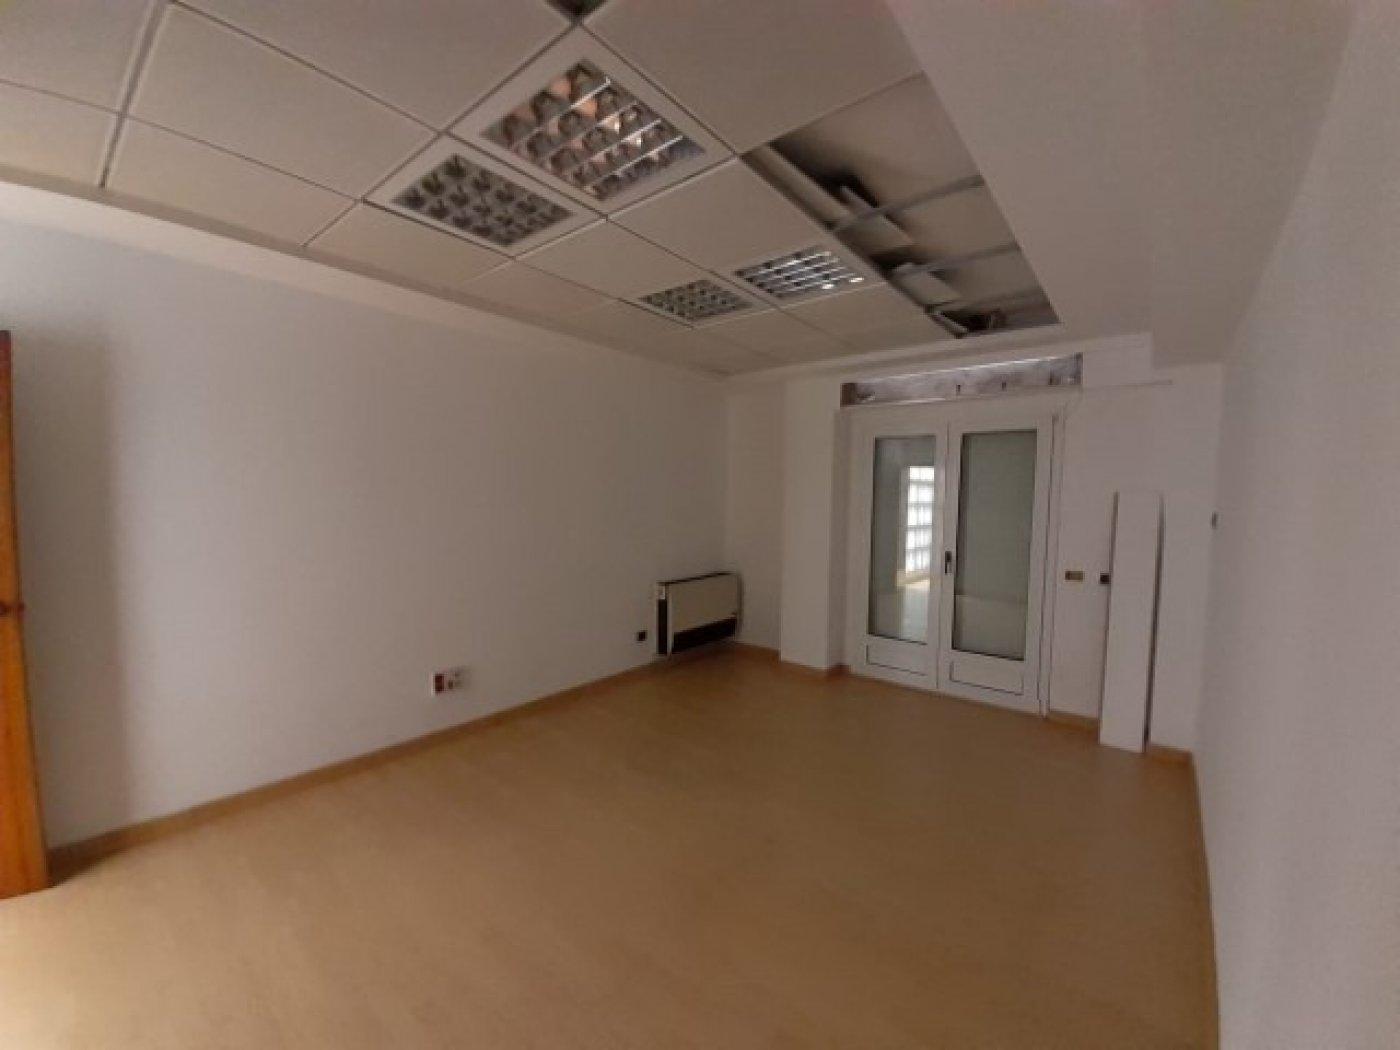 Oficina en Castellon - Castello de la Plana (CENTRO)